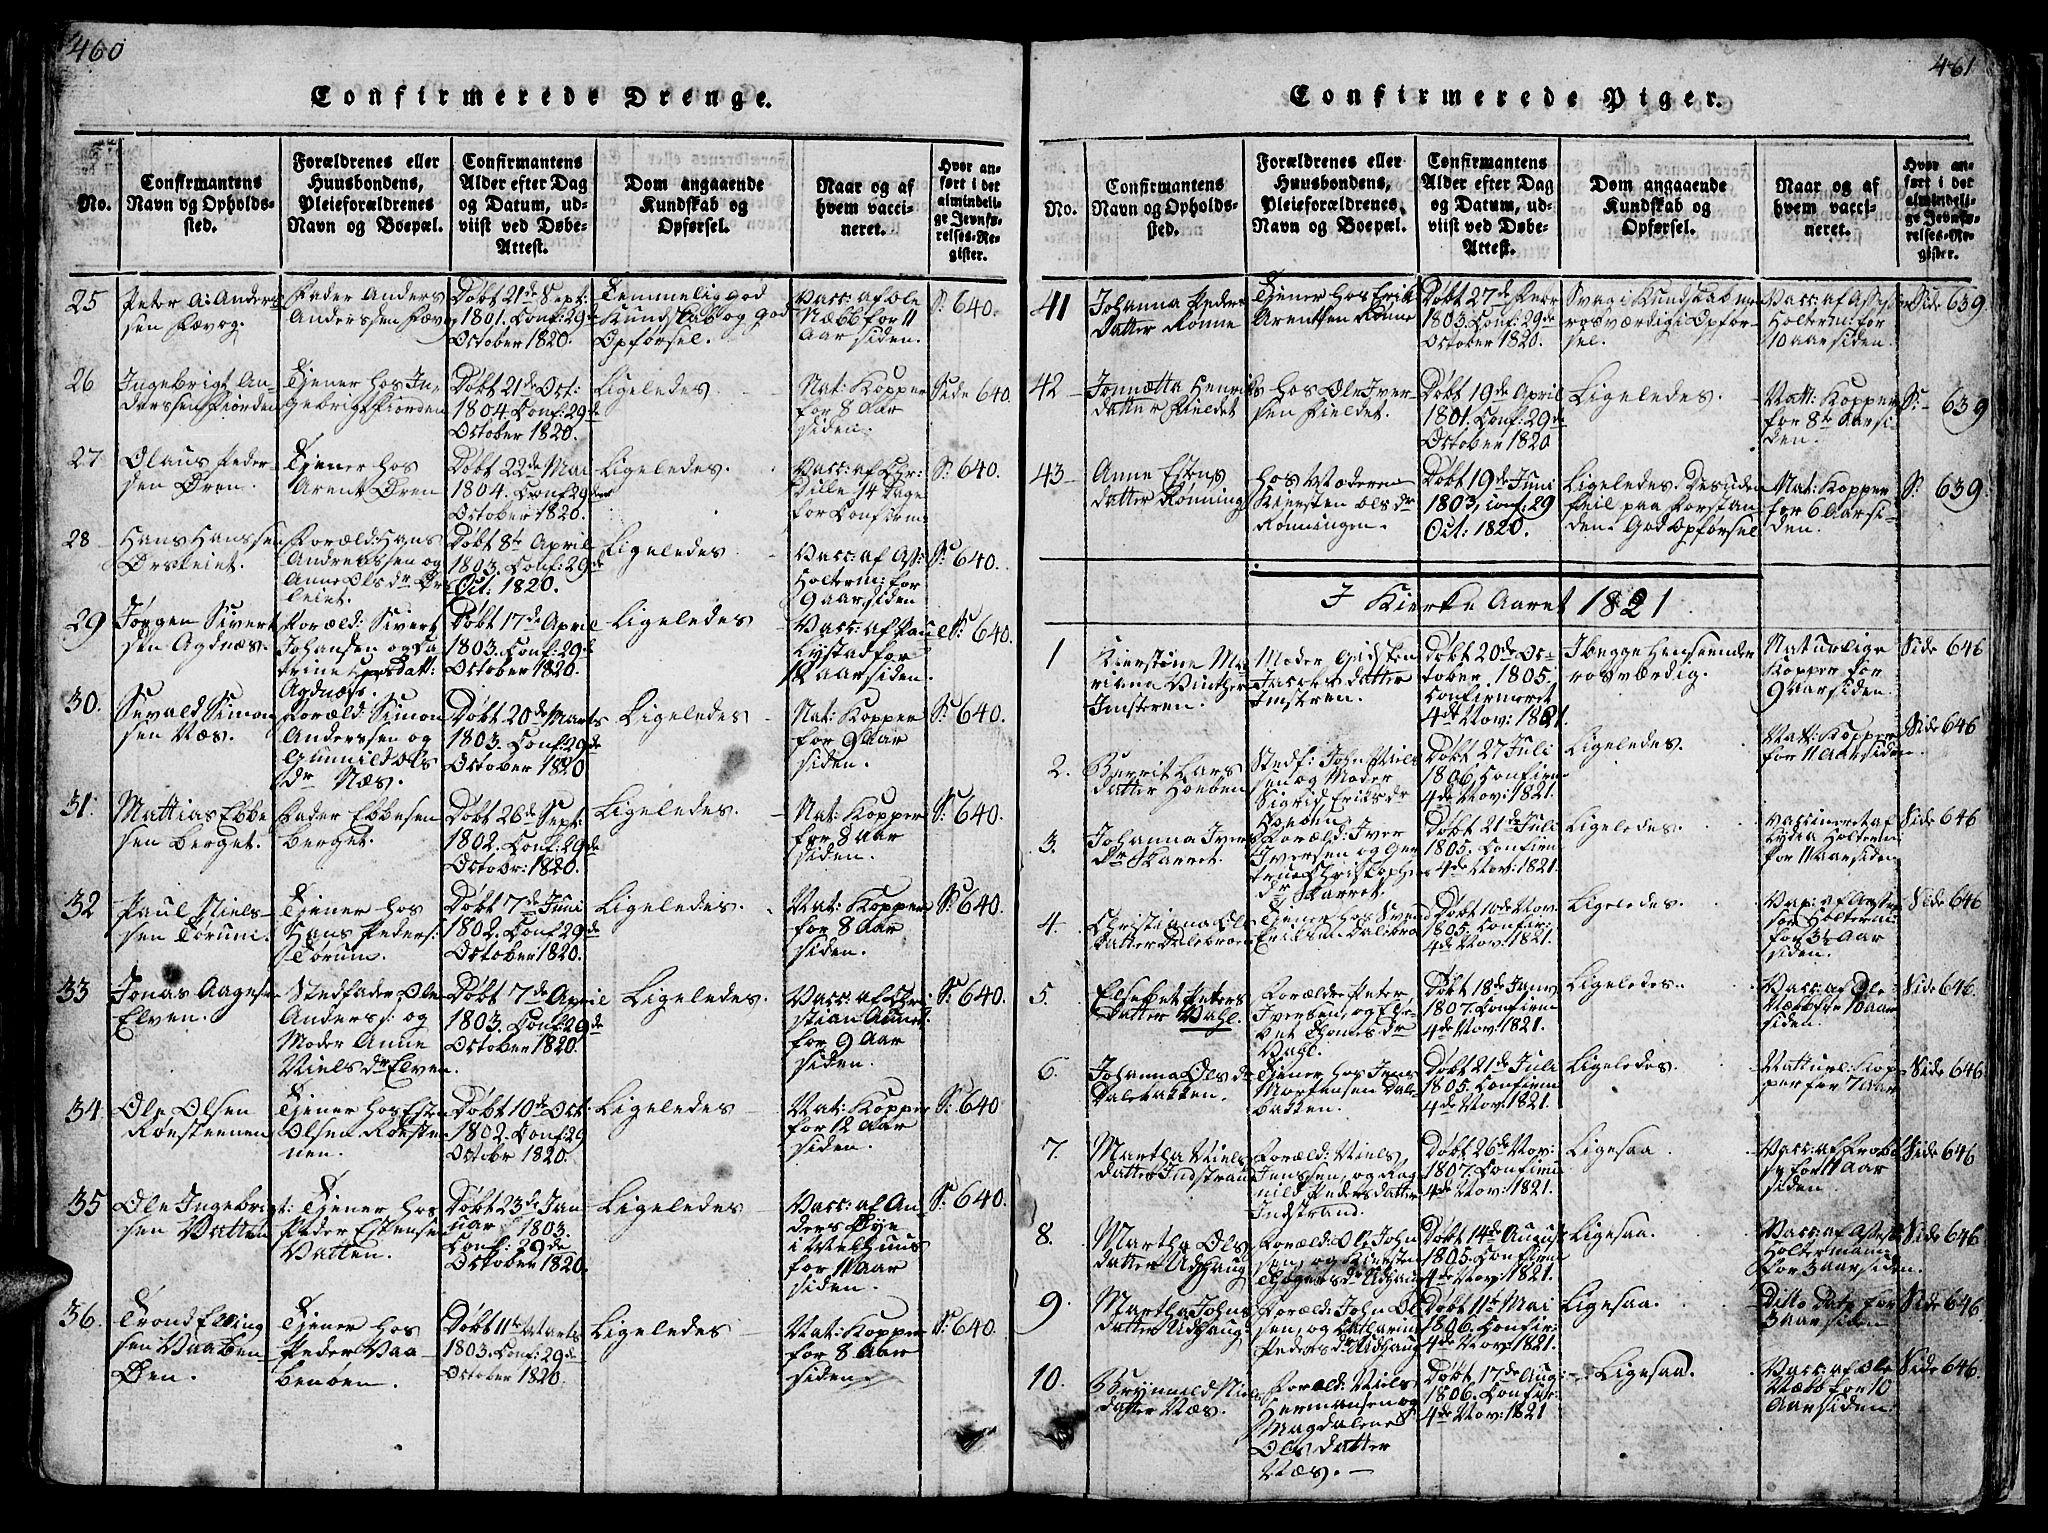 SAT, Ministerialprotokoller, klokkerbøker og fødselsregistre - Sør-Trøndelag, 659/L0744: Klokkerbok nr. 659C01, 1818-1825, s. 460-461